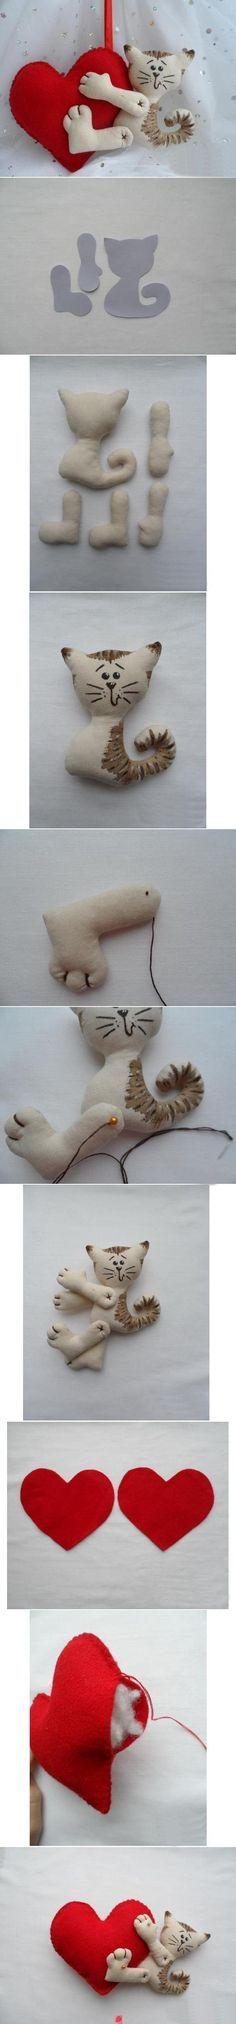 Felt cat hugging heart ornament (picture tutorial)